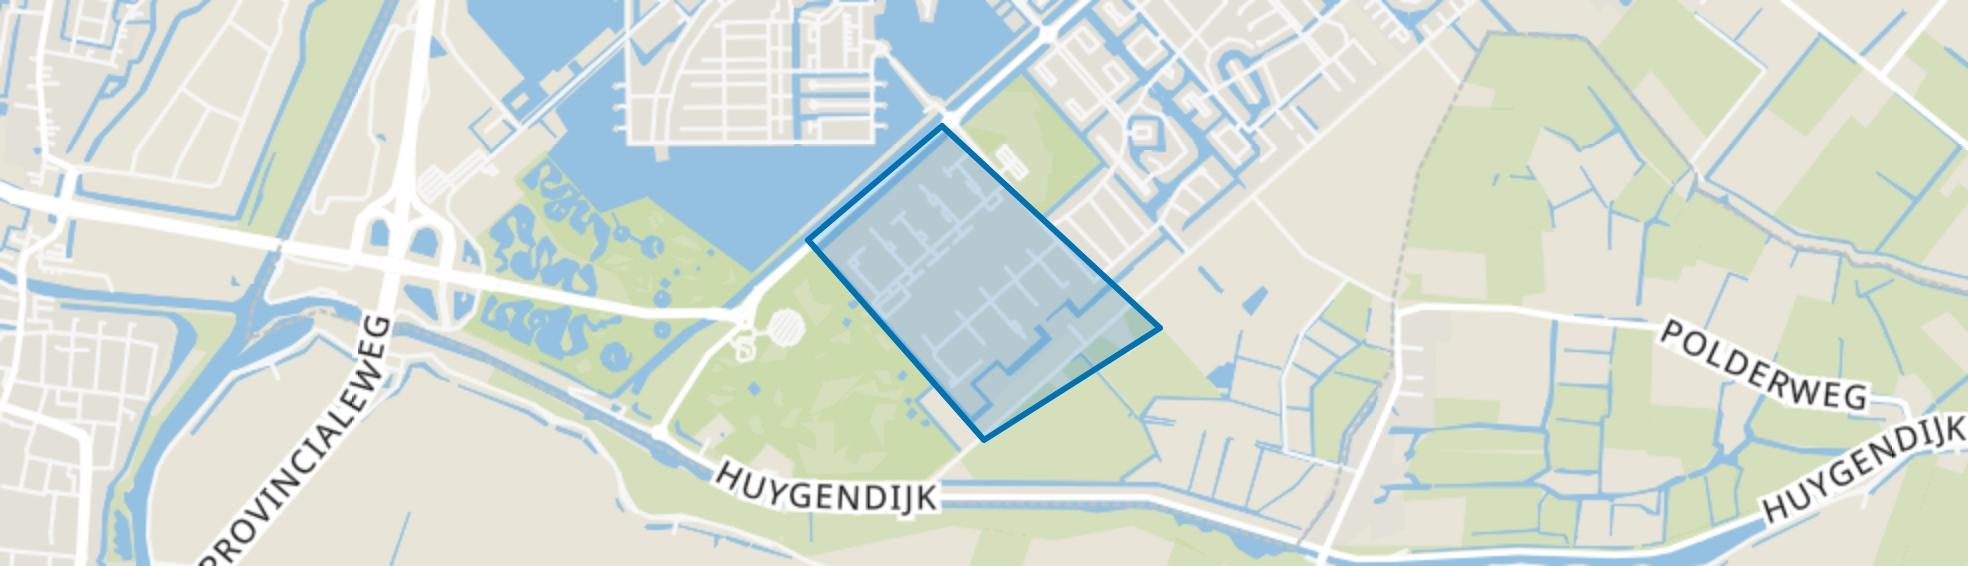 Huygenhoek 3, Heerhugowaard map